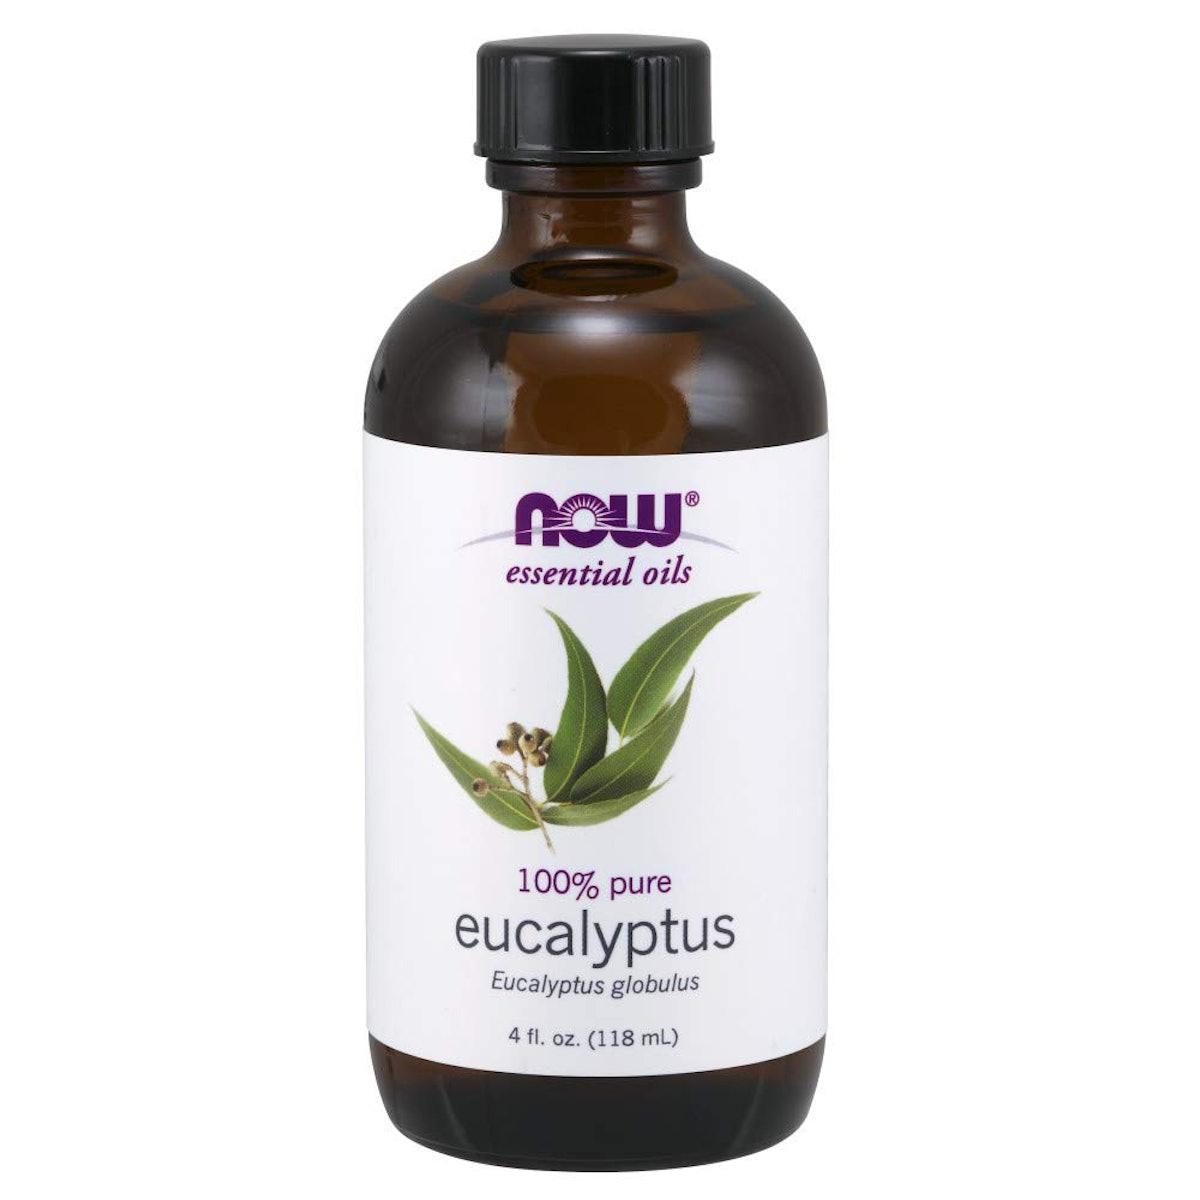 NOW 100% Pure Eucalyptus Oil (4 Oz/ 118 mL)